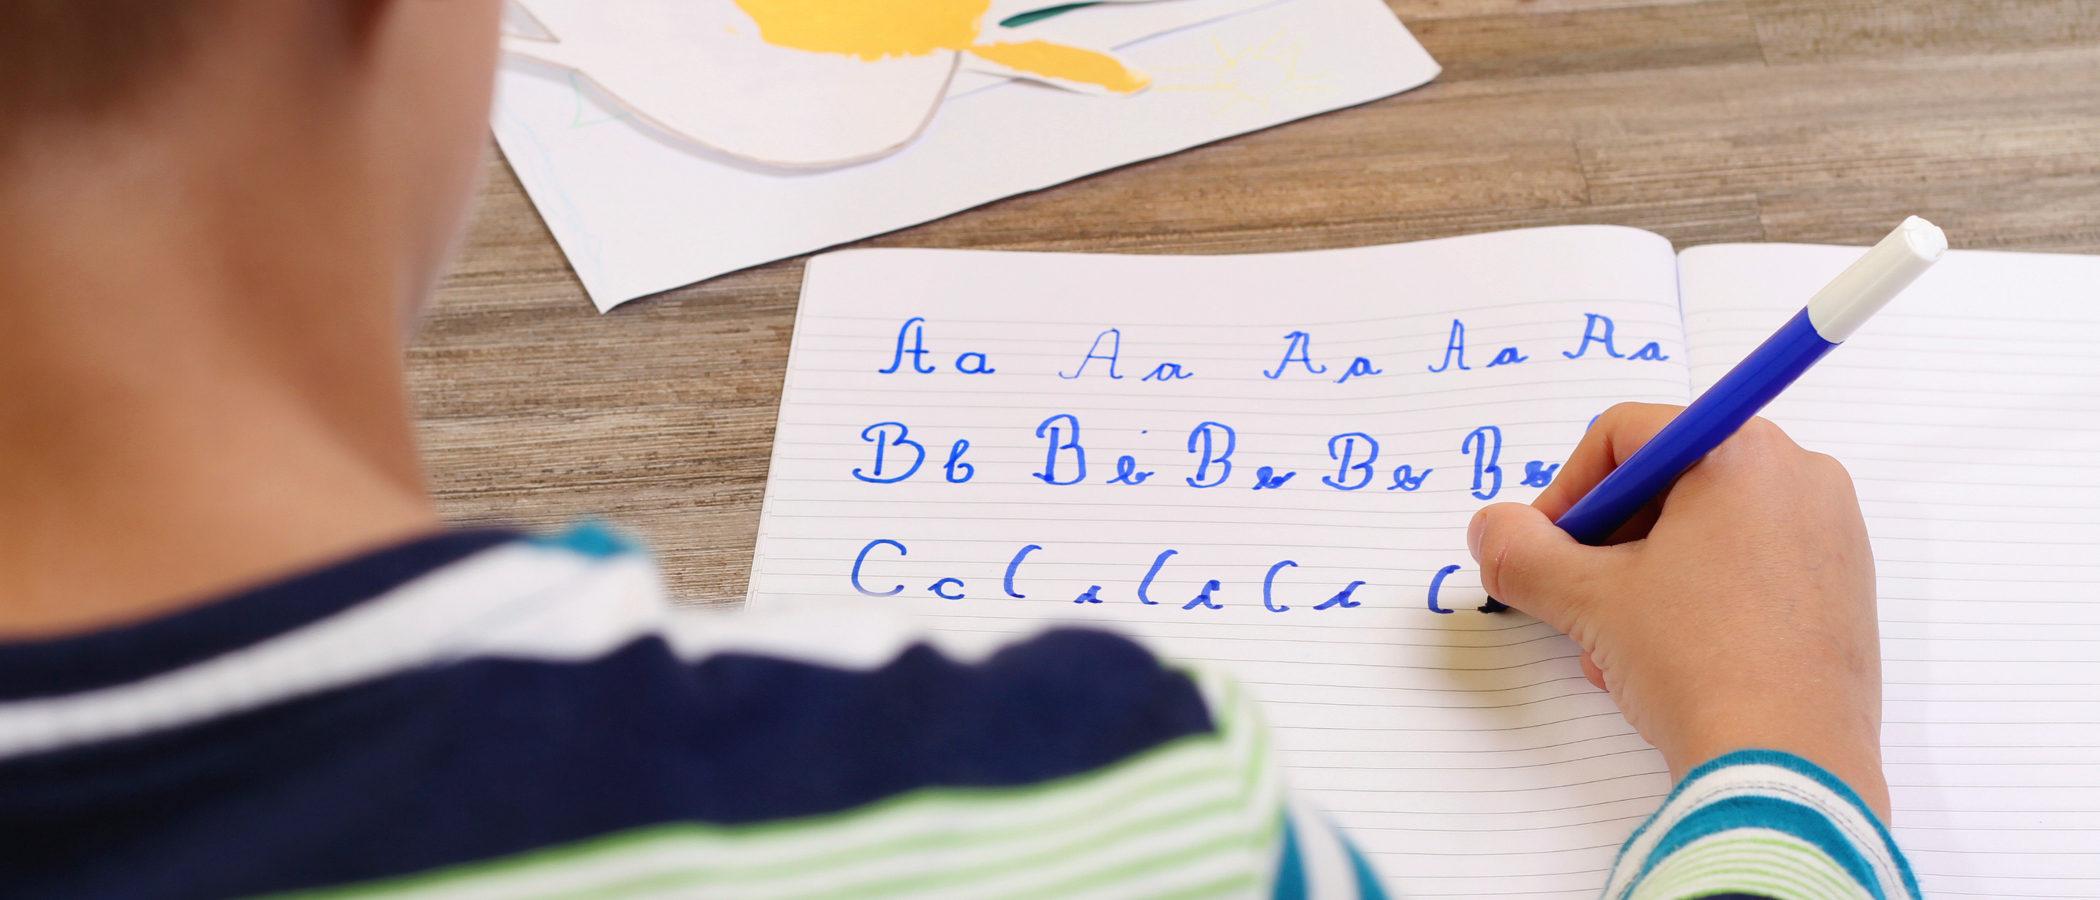 Cómo tratar los problemas de escritura en casa